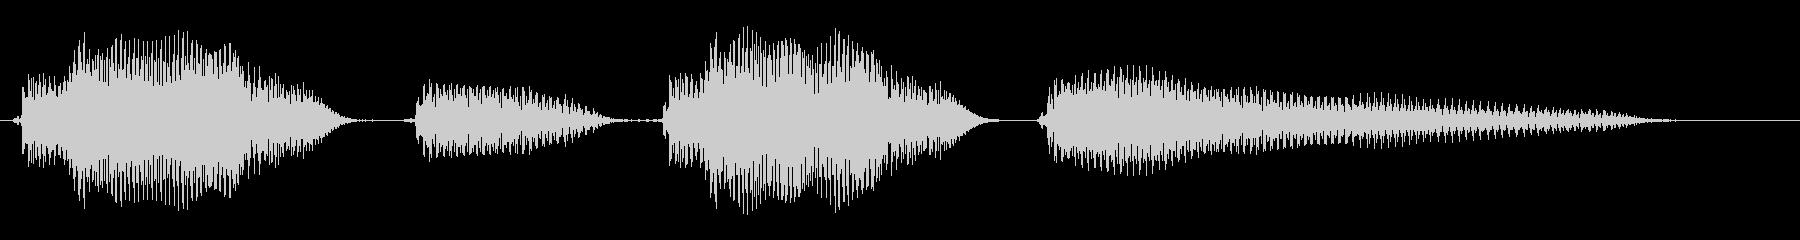 びっくりチキン大 2回 の未再生の波形